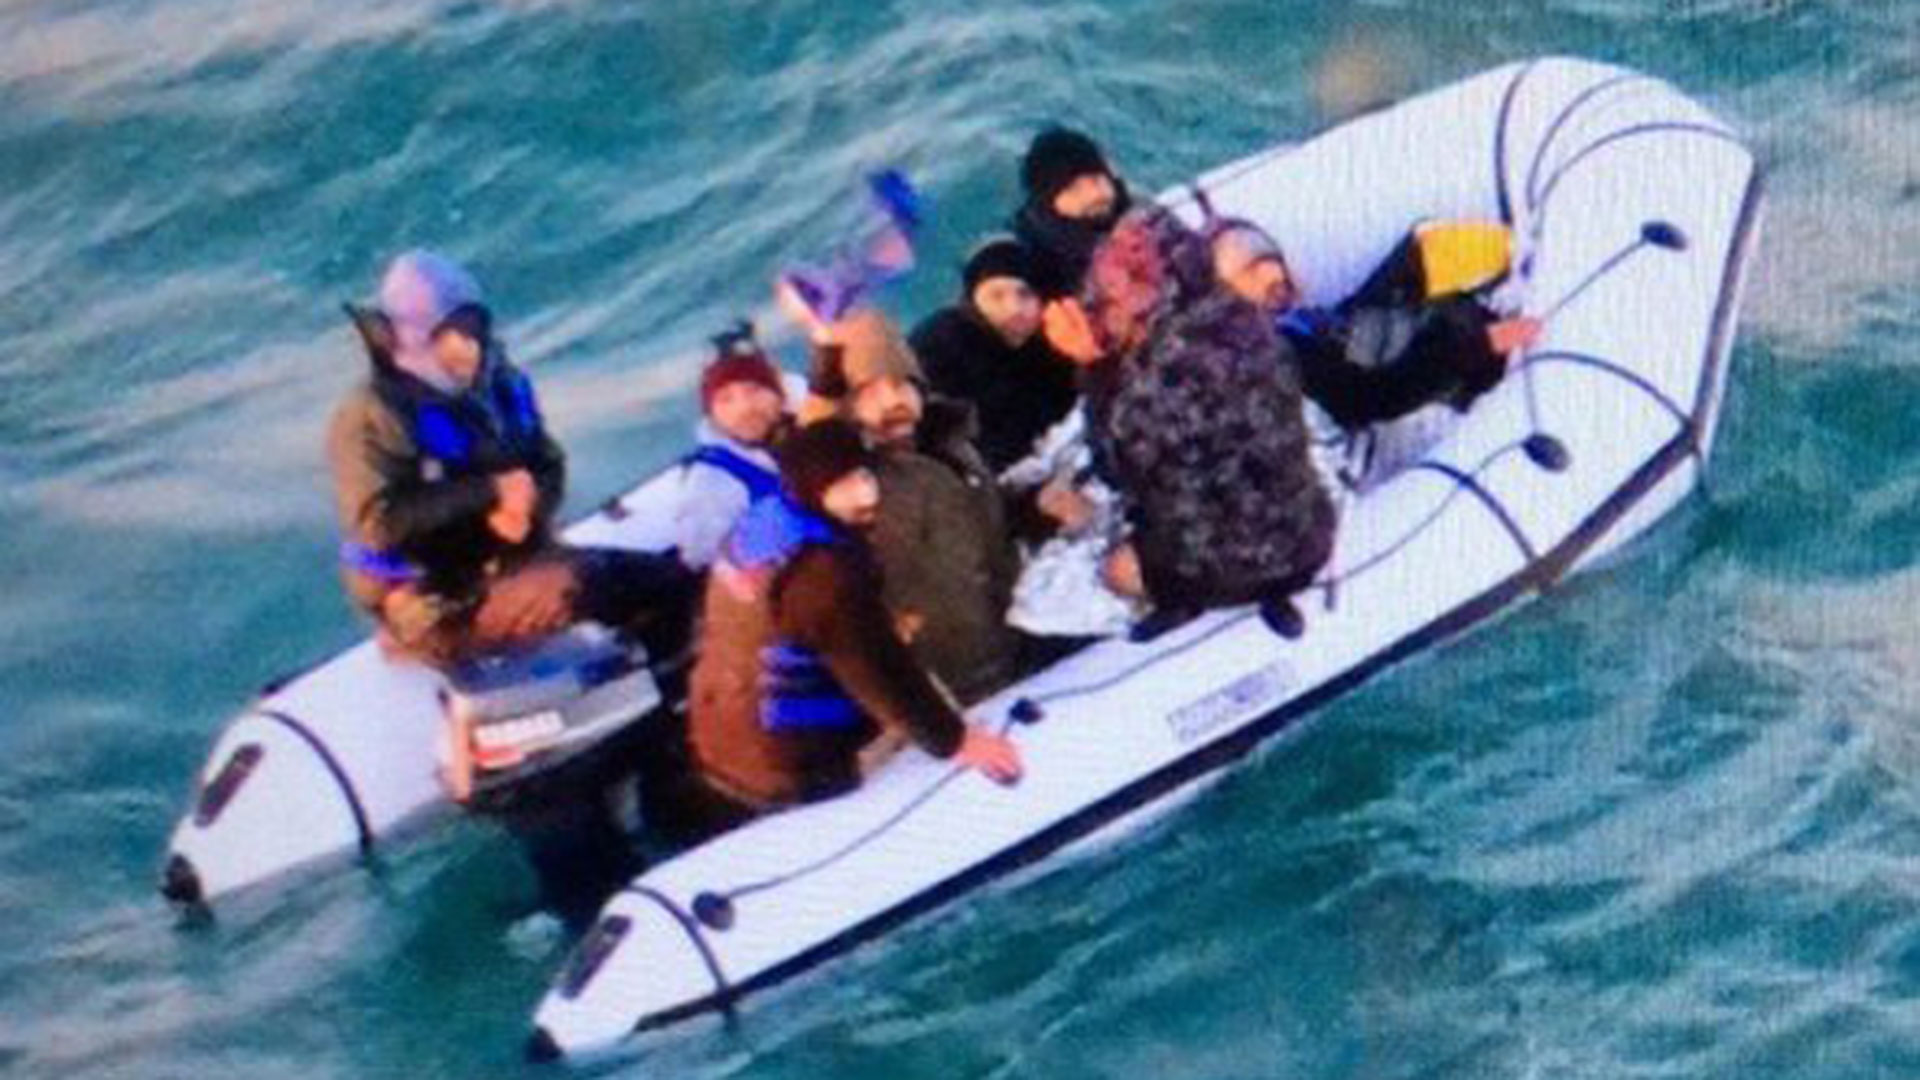 Un bote inflable interceptado en el Canal de la Mancha, similar al utilizado por el científico (premarmanche/marine nationale)